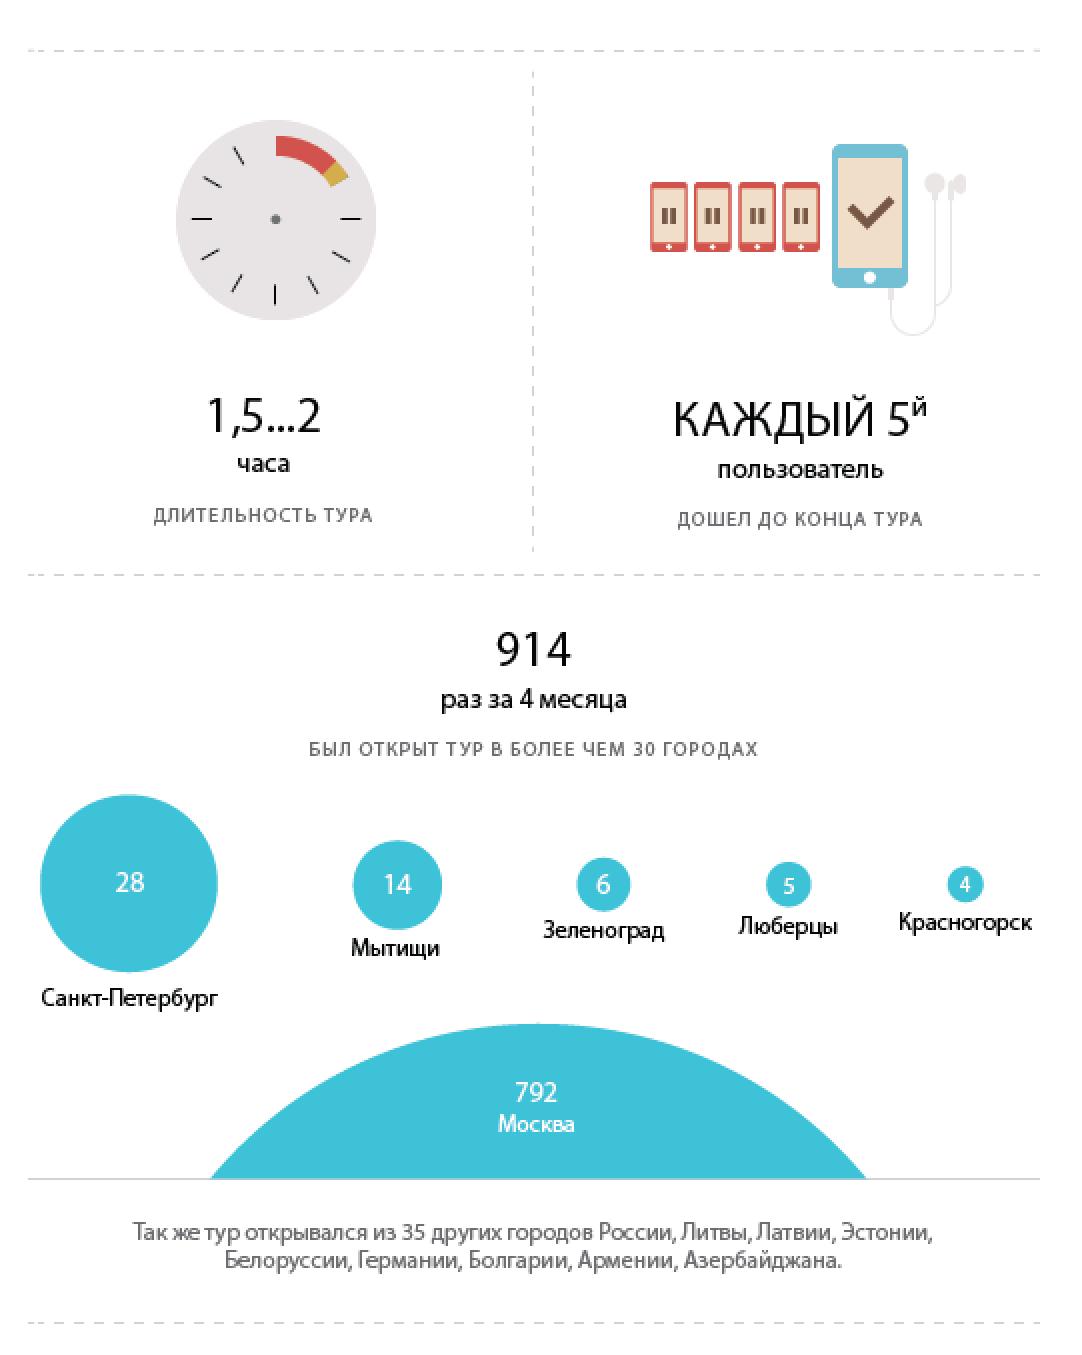 Инфографика популярности маршрута